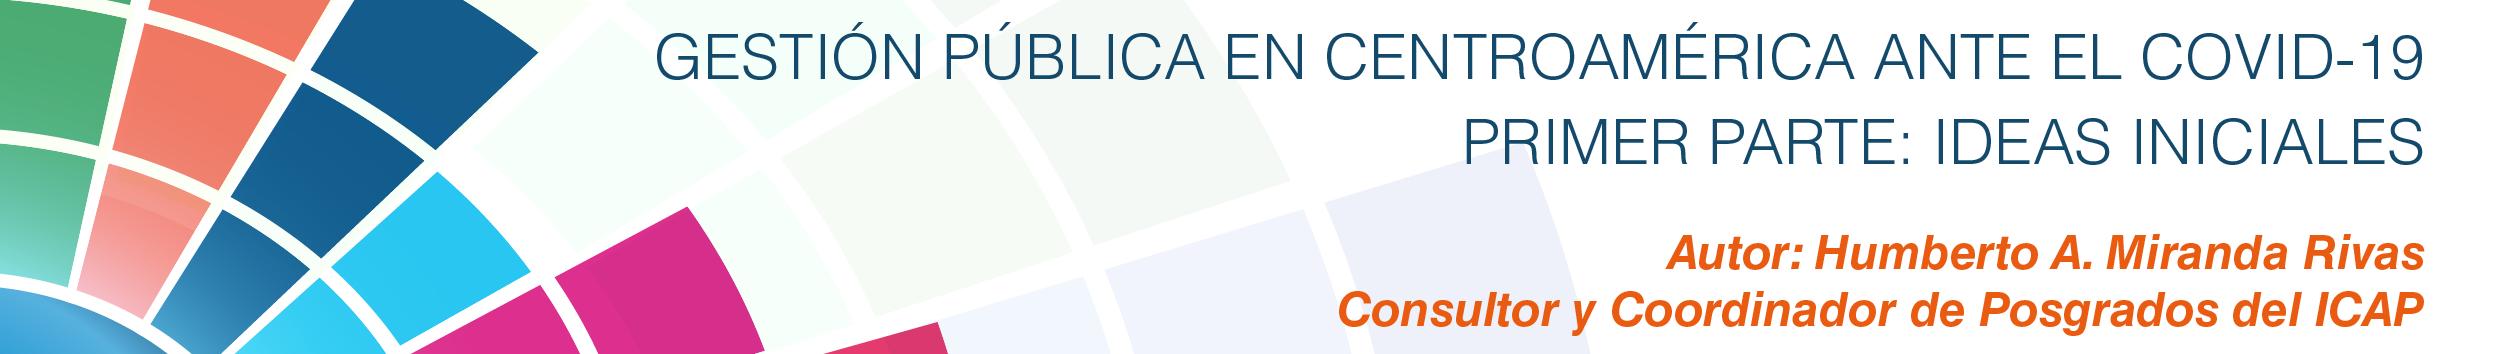 Gestión pública en Centroamérica ante el Covid-19. Primera parte: ideas iniciales.